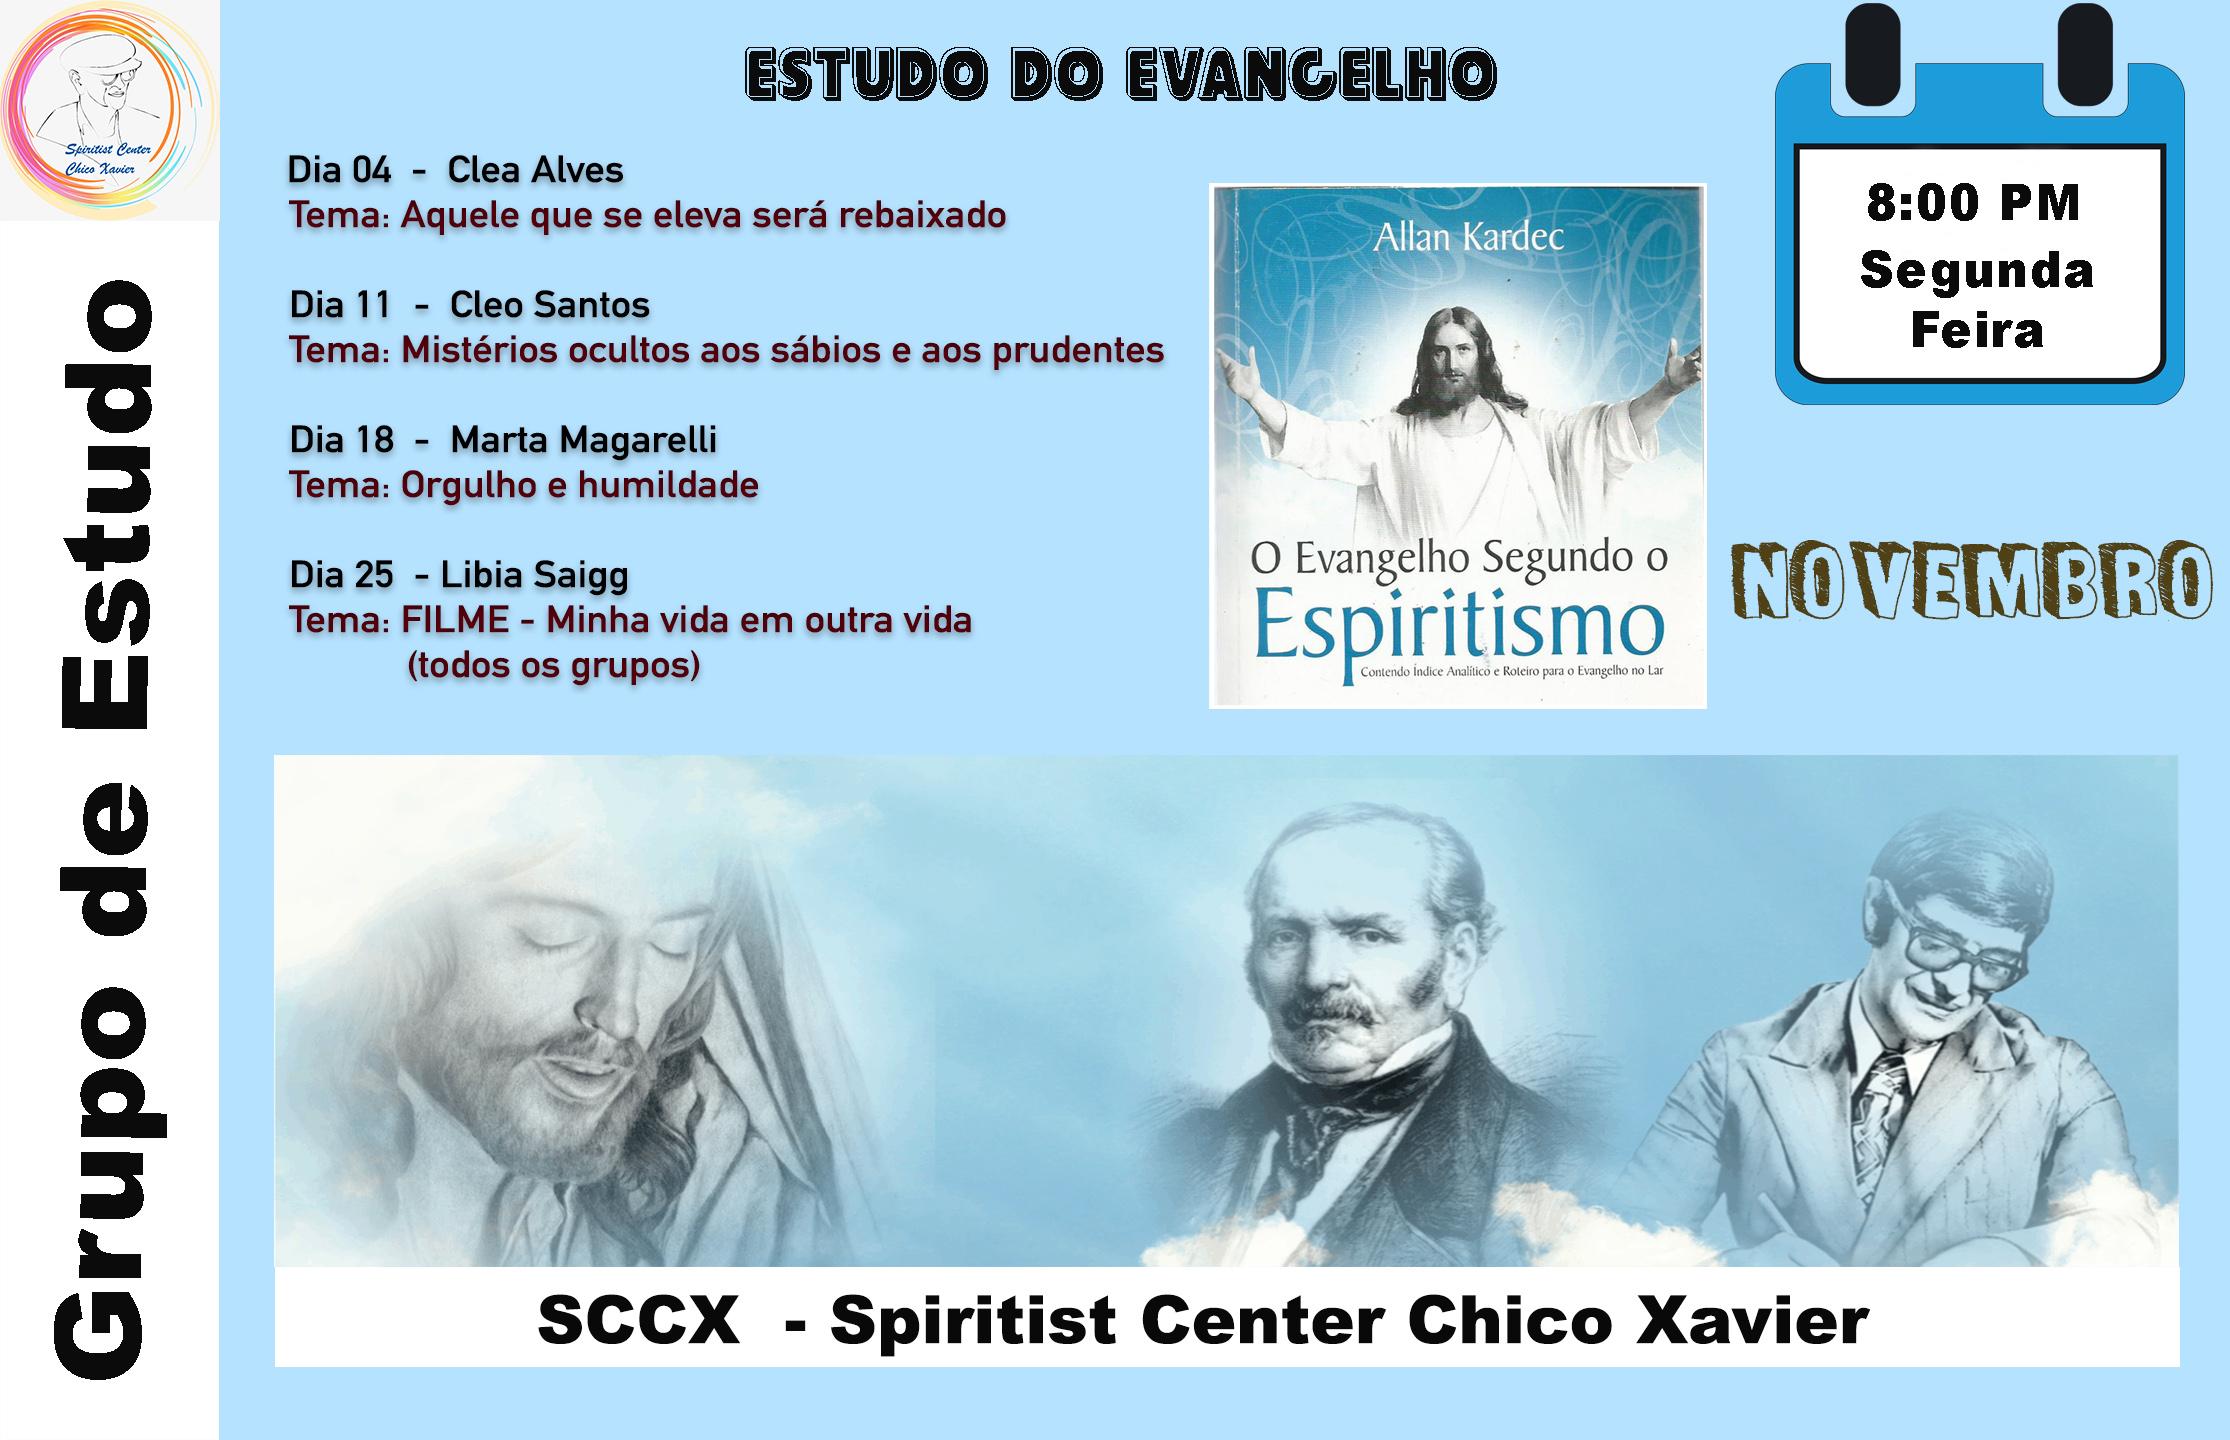 Grupo de Estudo - Estudos do Evangelho Novembro 11